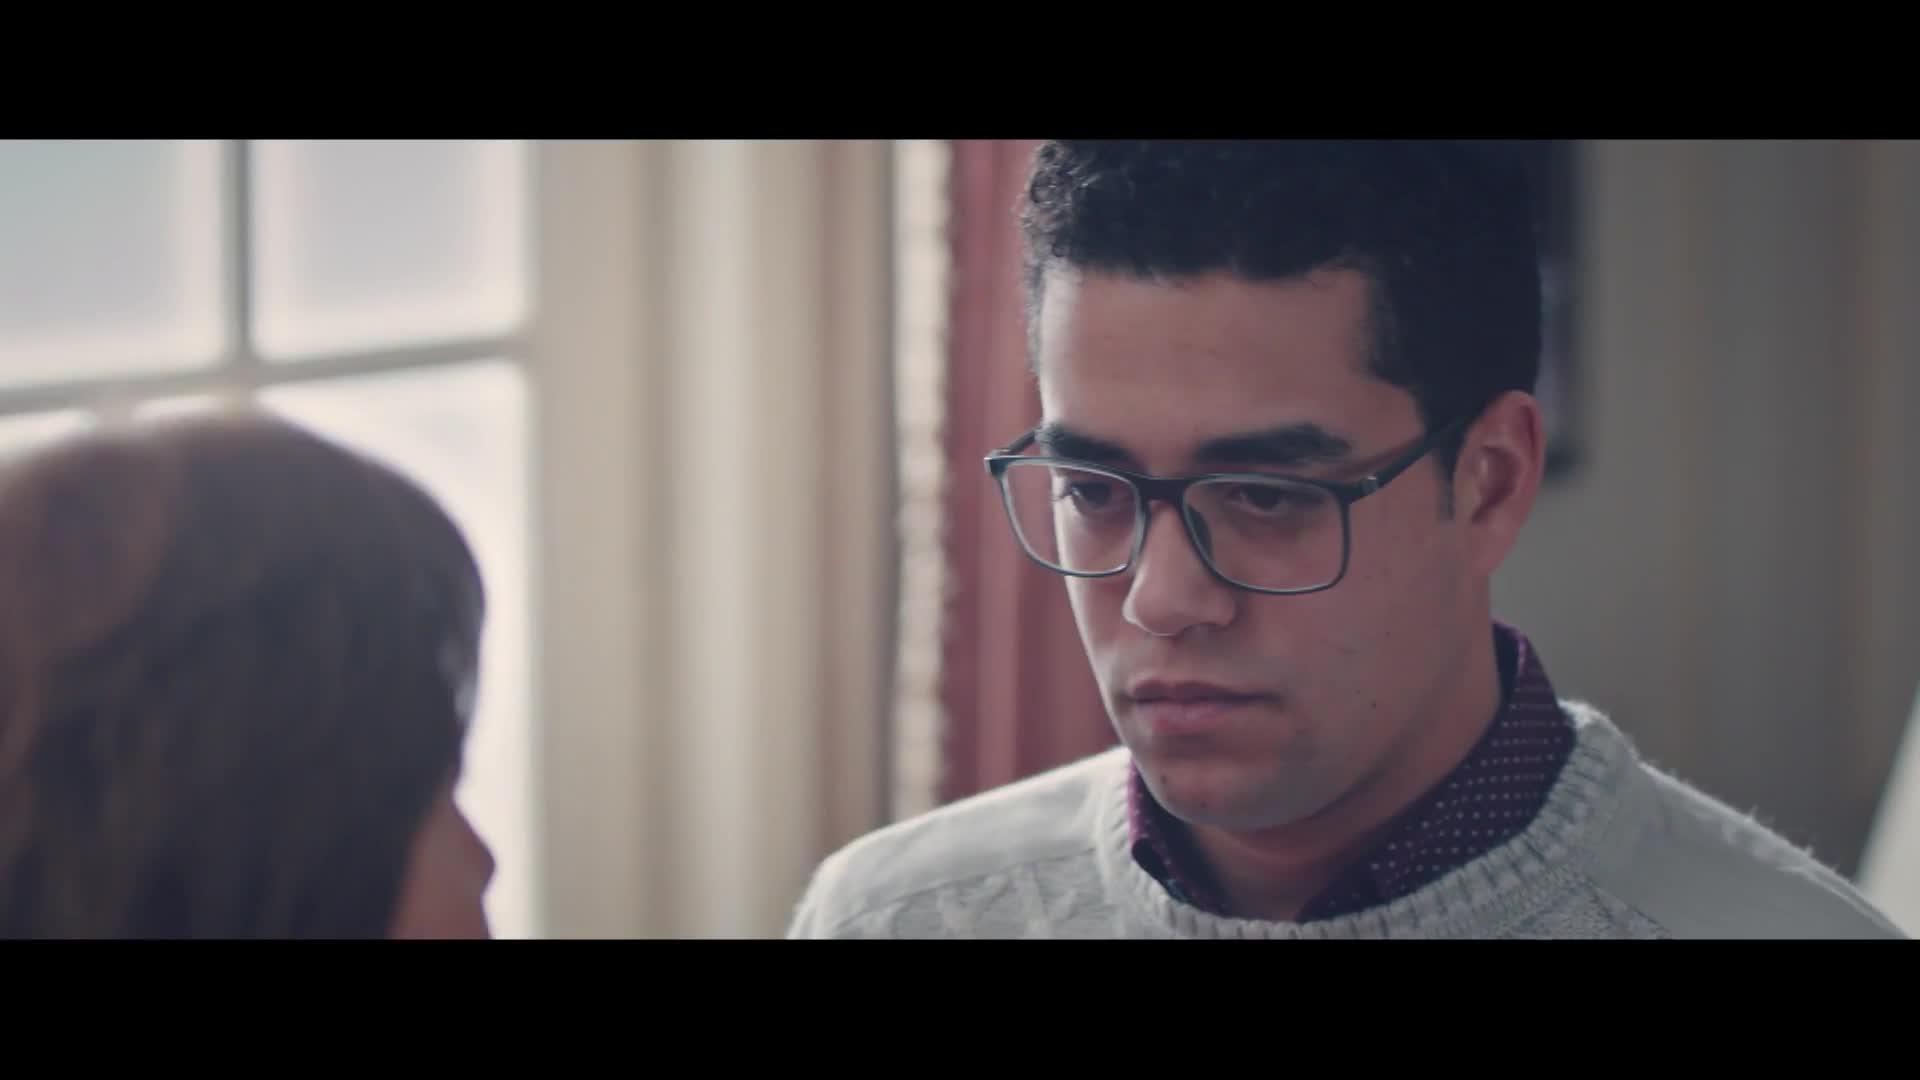 المسلسل المصري طلقة حظ [2019][WEB DL][1080p] تحميل تورنت 8 arabp2p.com